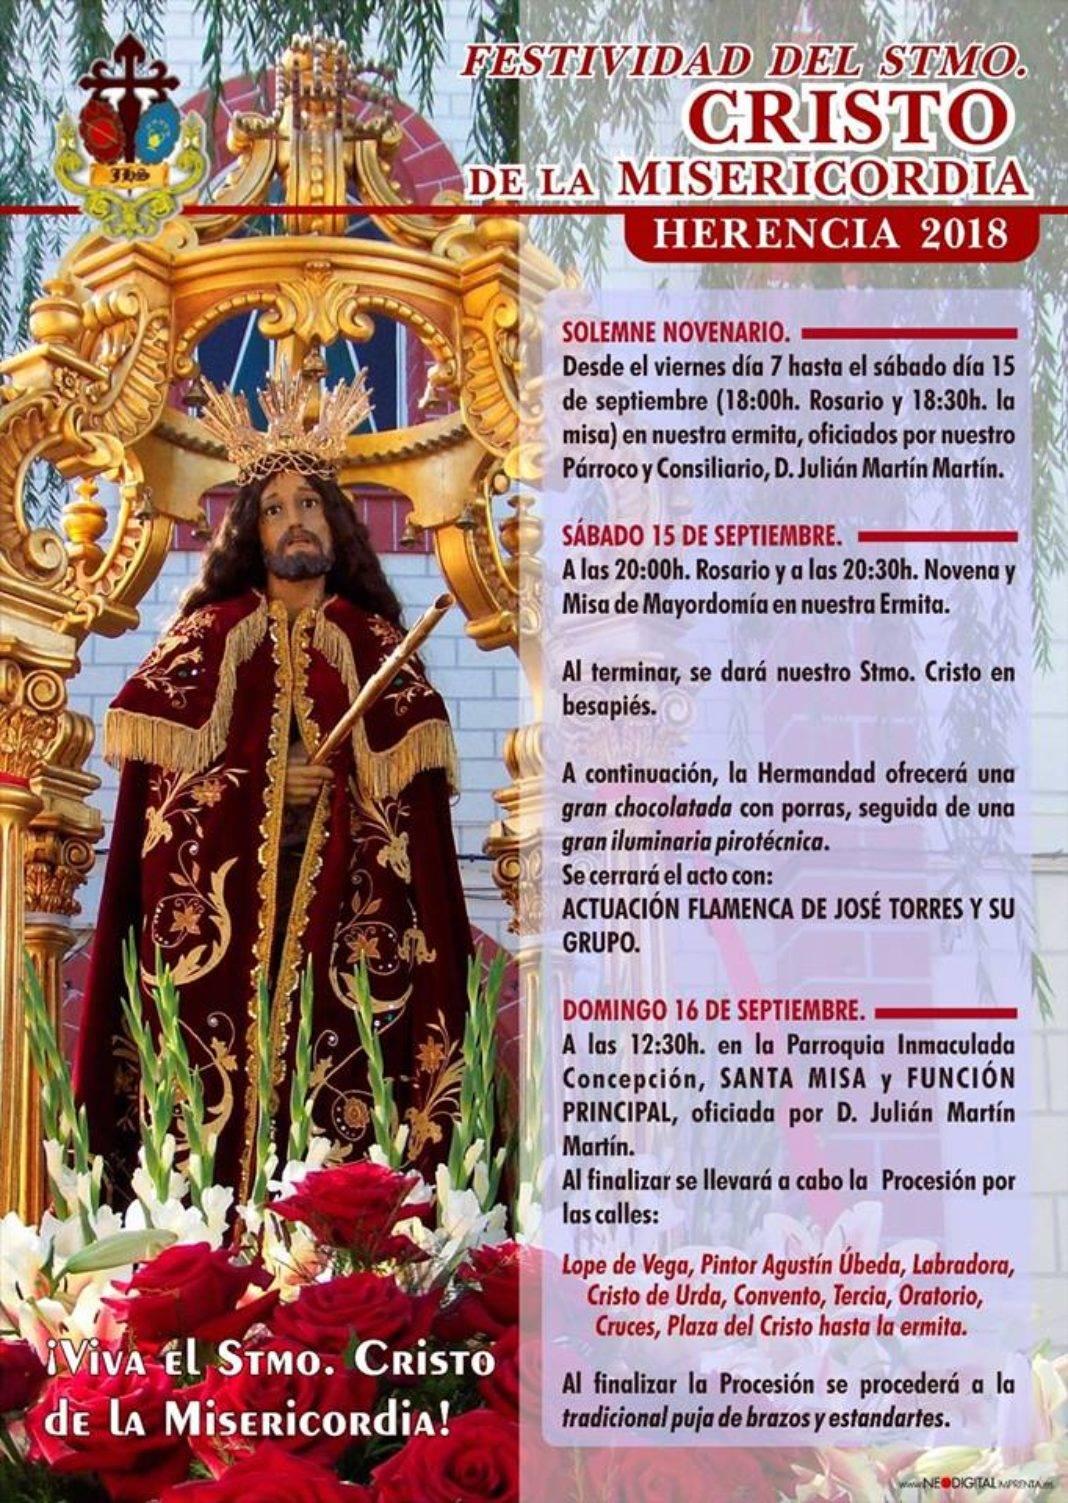 Festividad del Cristo de la Misericordia en Herencia 2